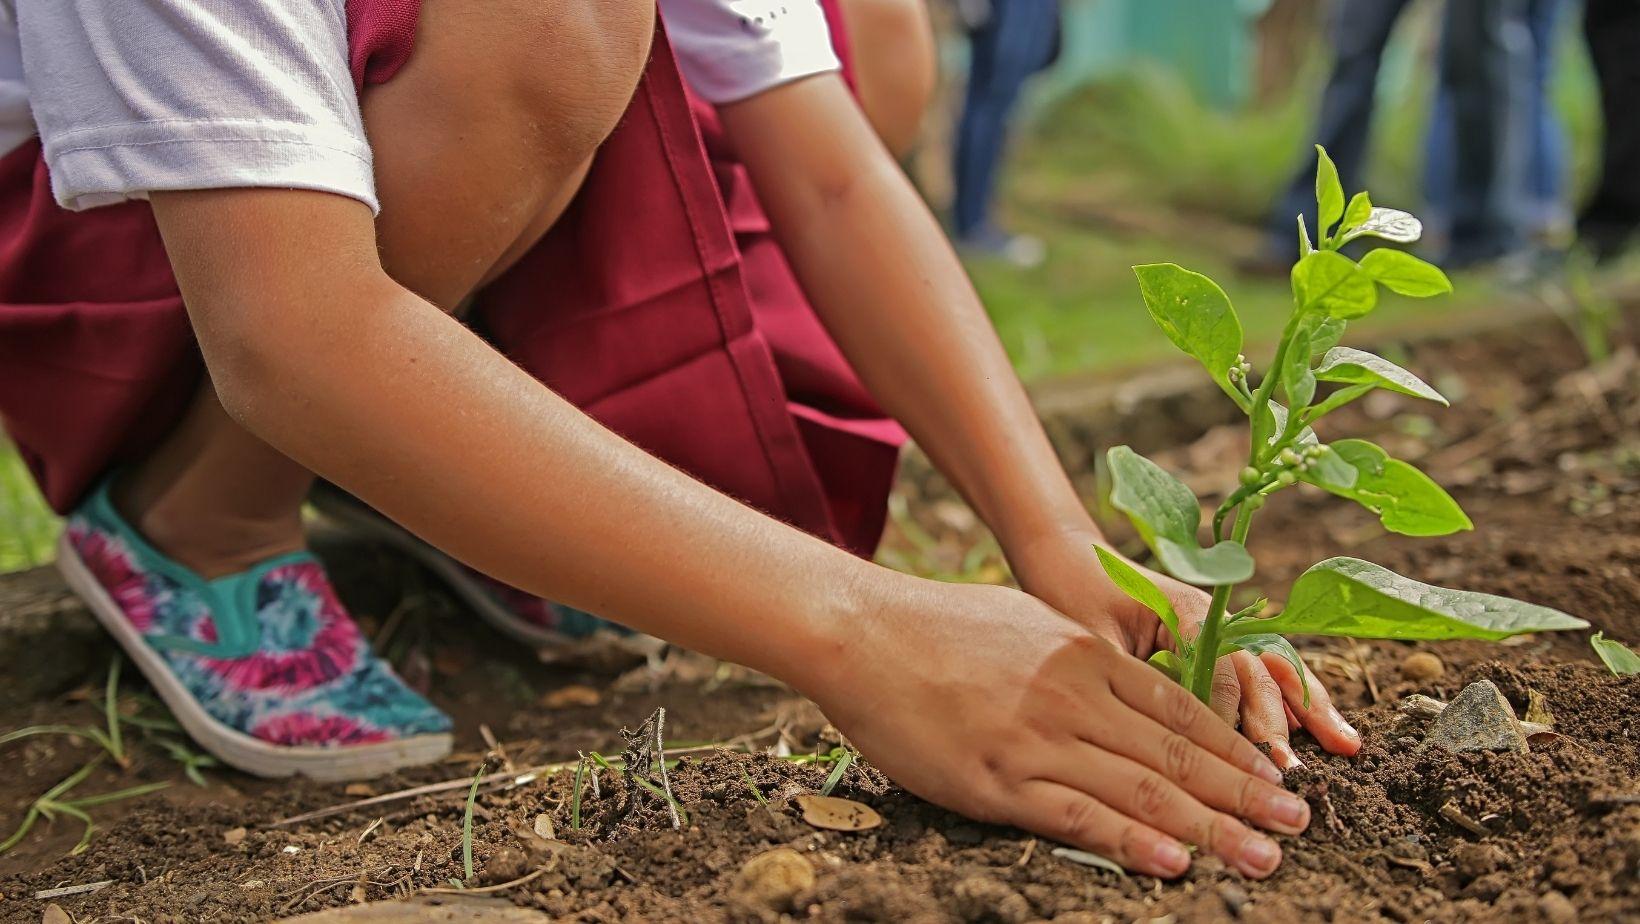 집에서 할 수 있는 아이들을 위한 식목일 DIY